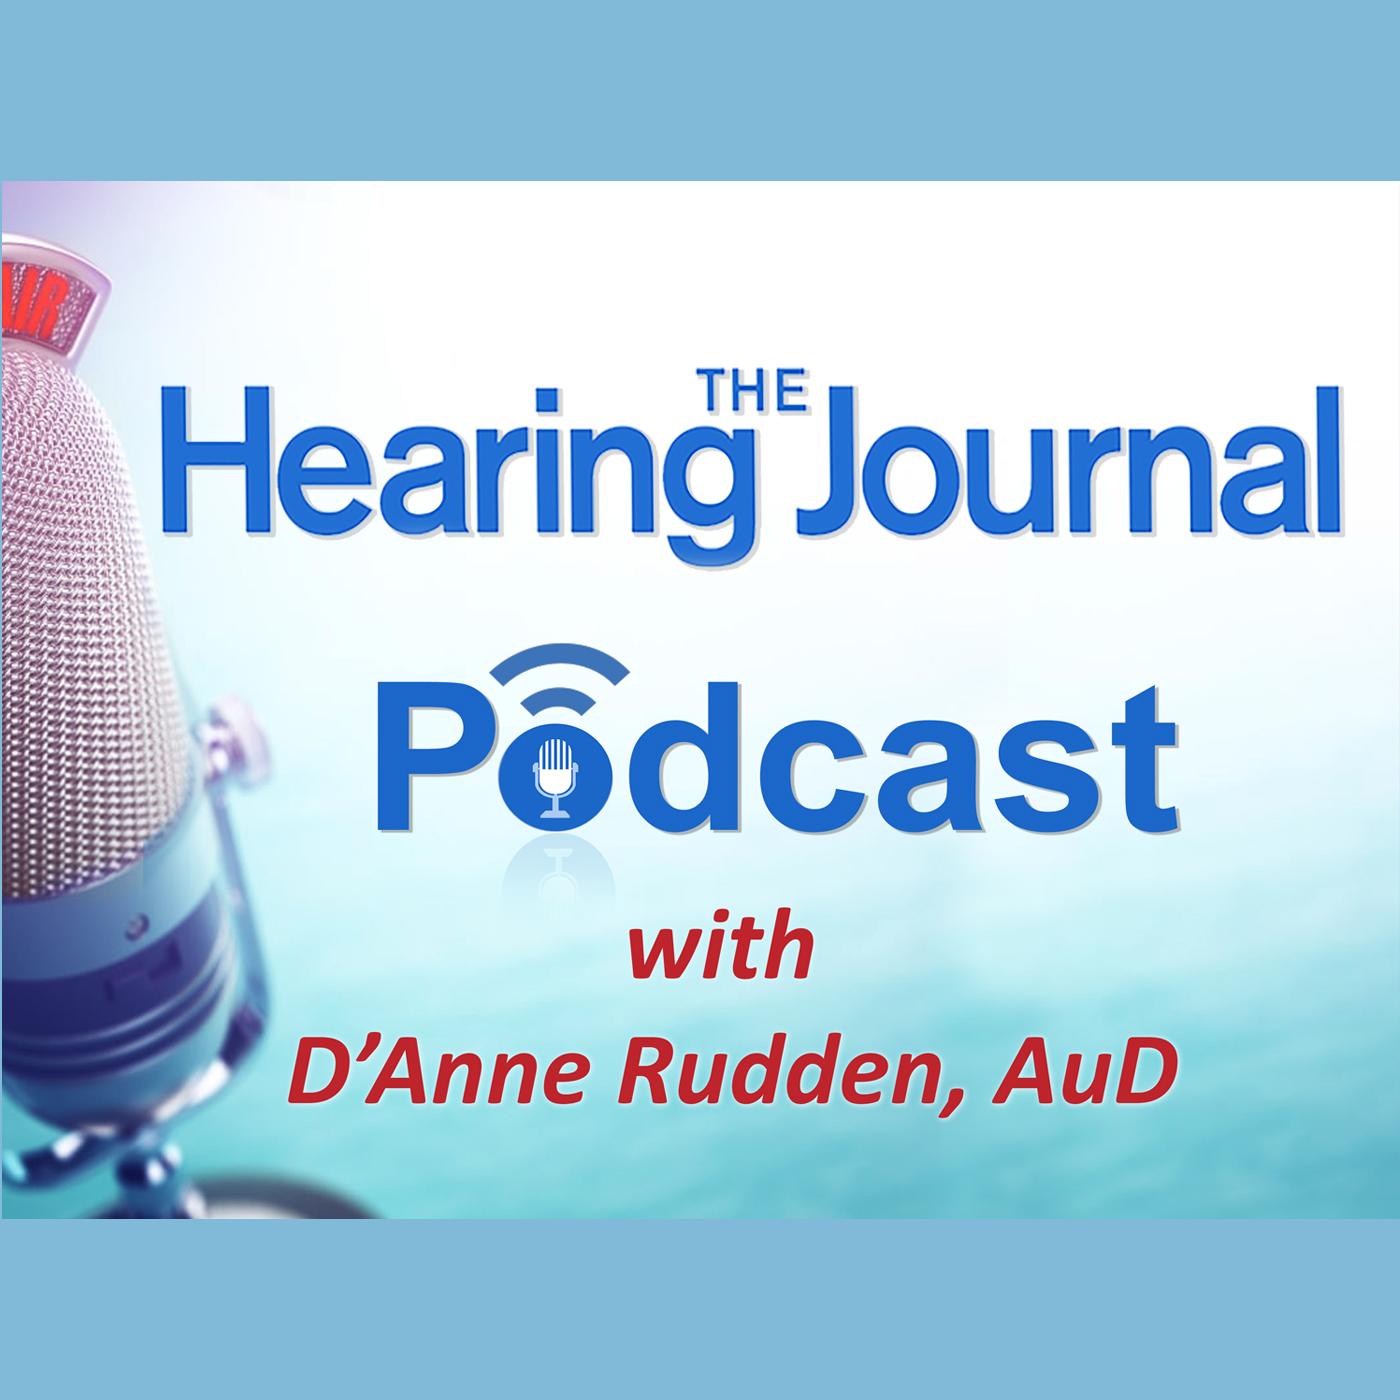 The Hearing Journal by D'Anne Rudden show art